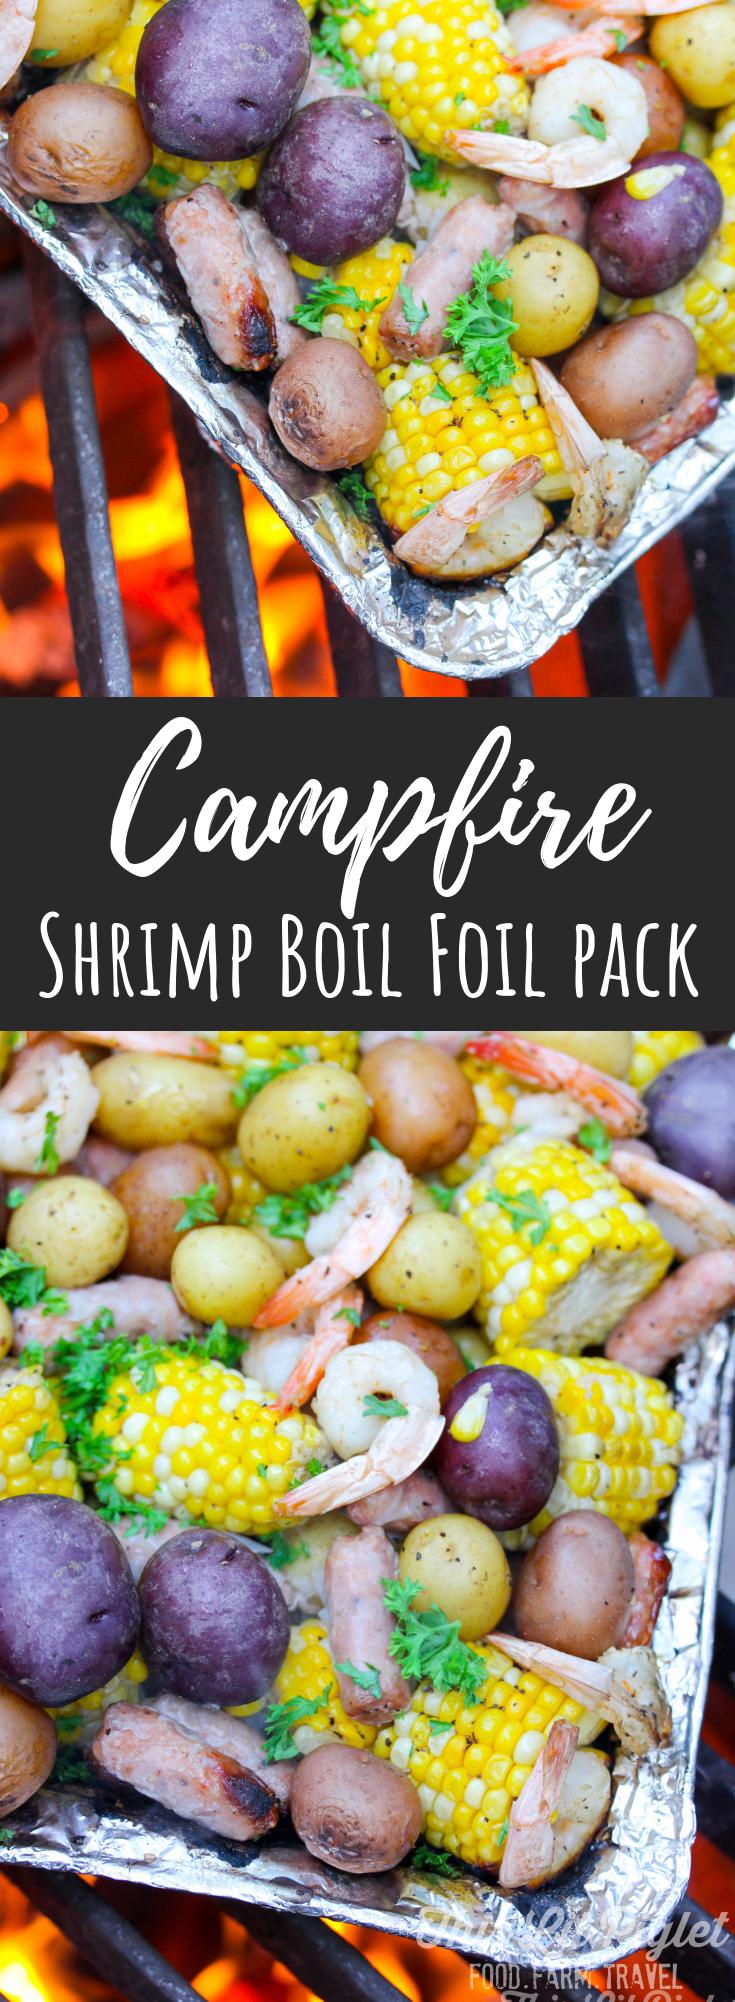 Camping Food: Campfire Shrimp Boil Foil Pack // thislilpiglet.net